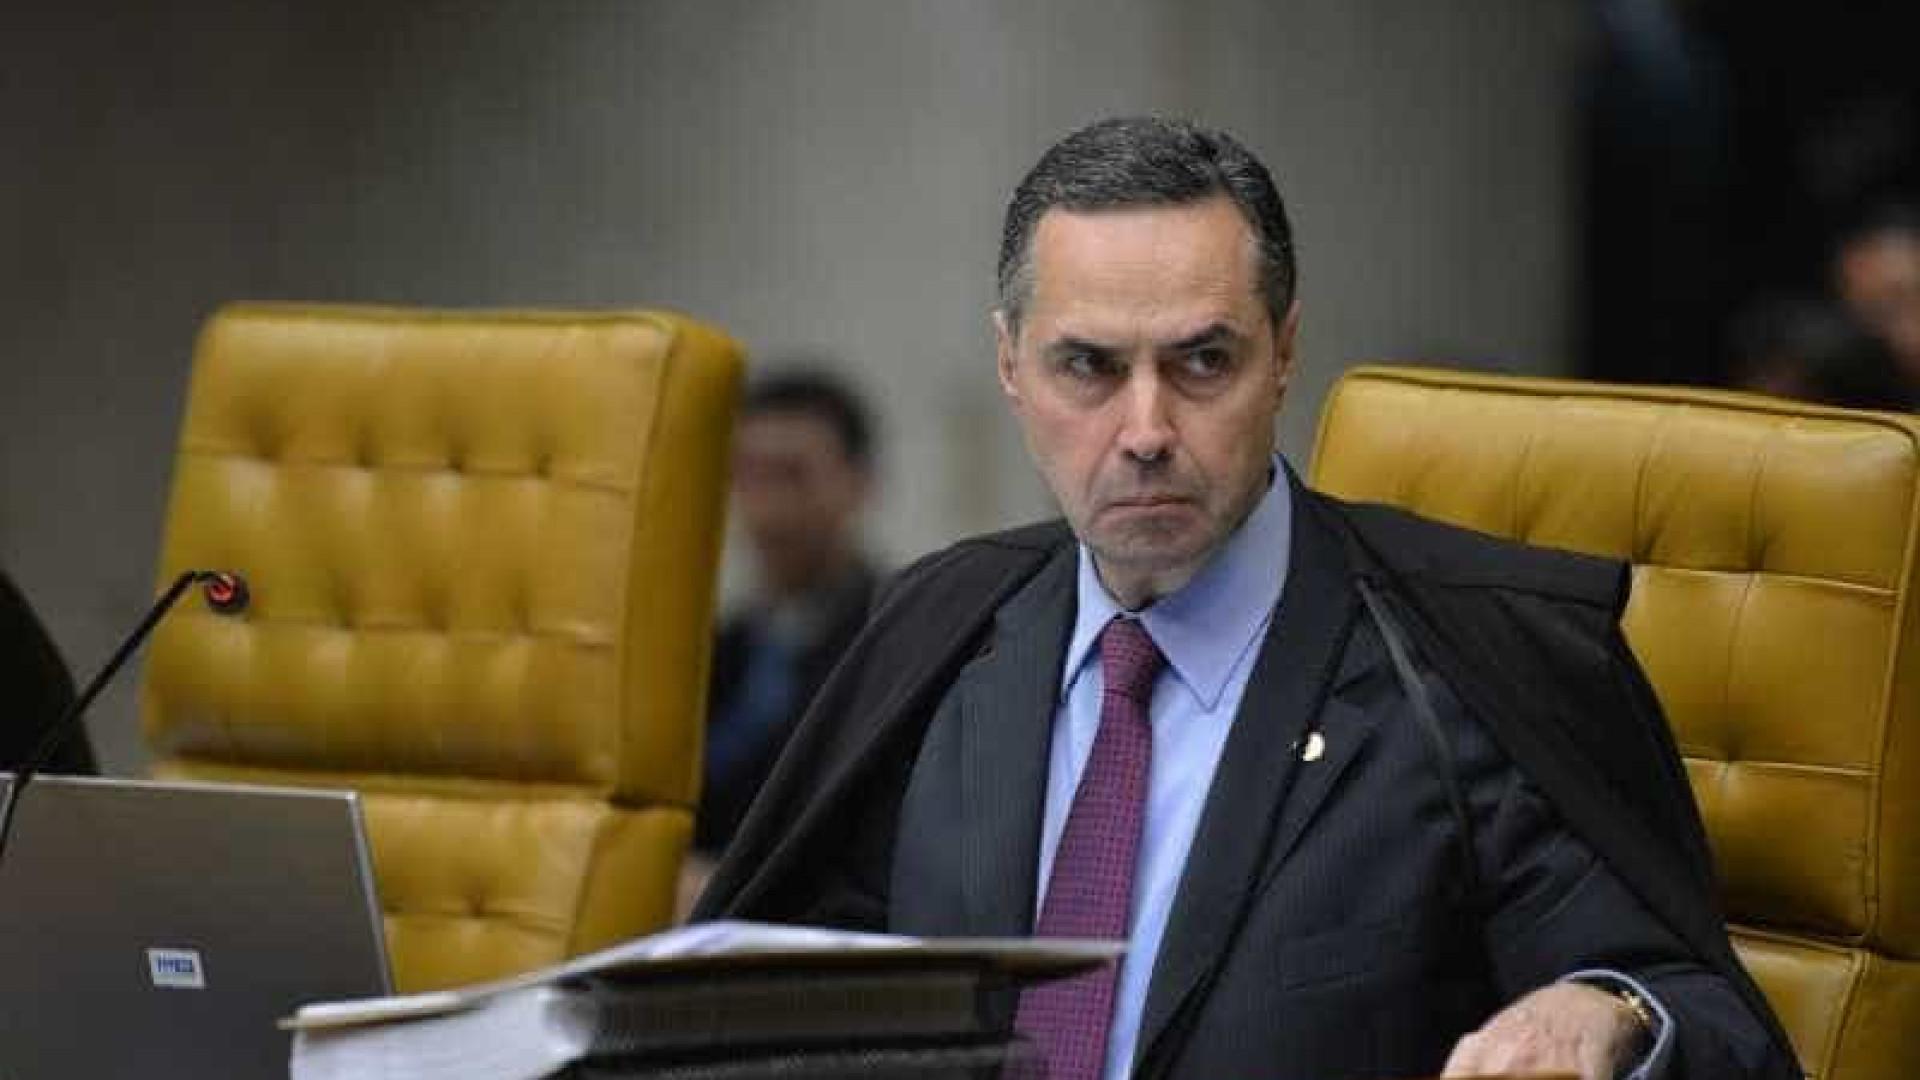 Ministro Barroso, do STF, defende  voto em lista fechada